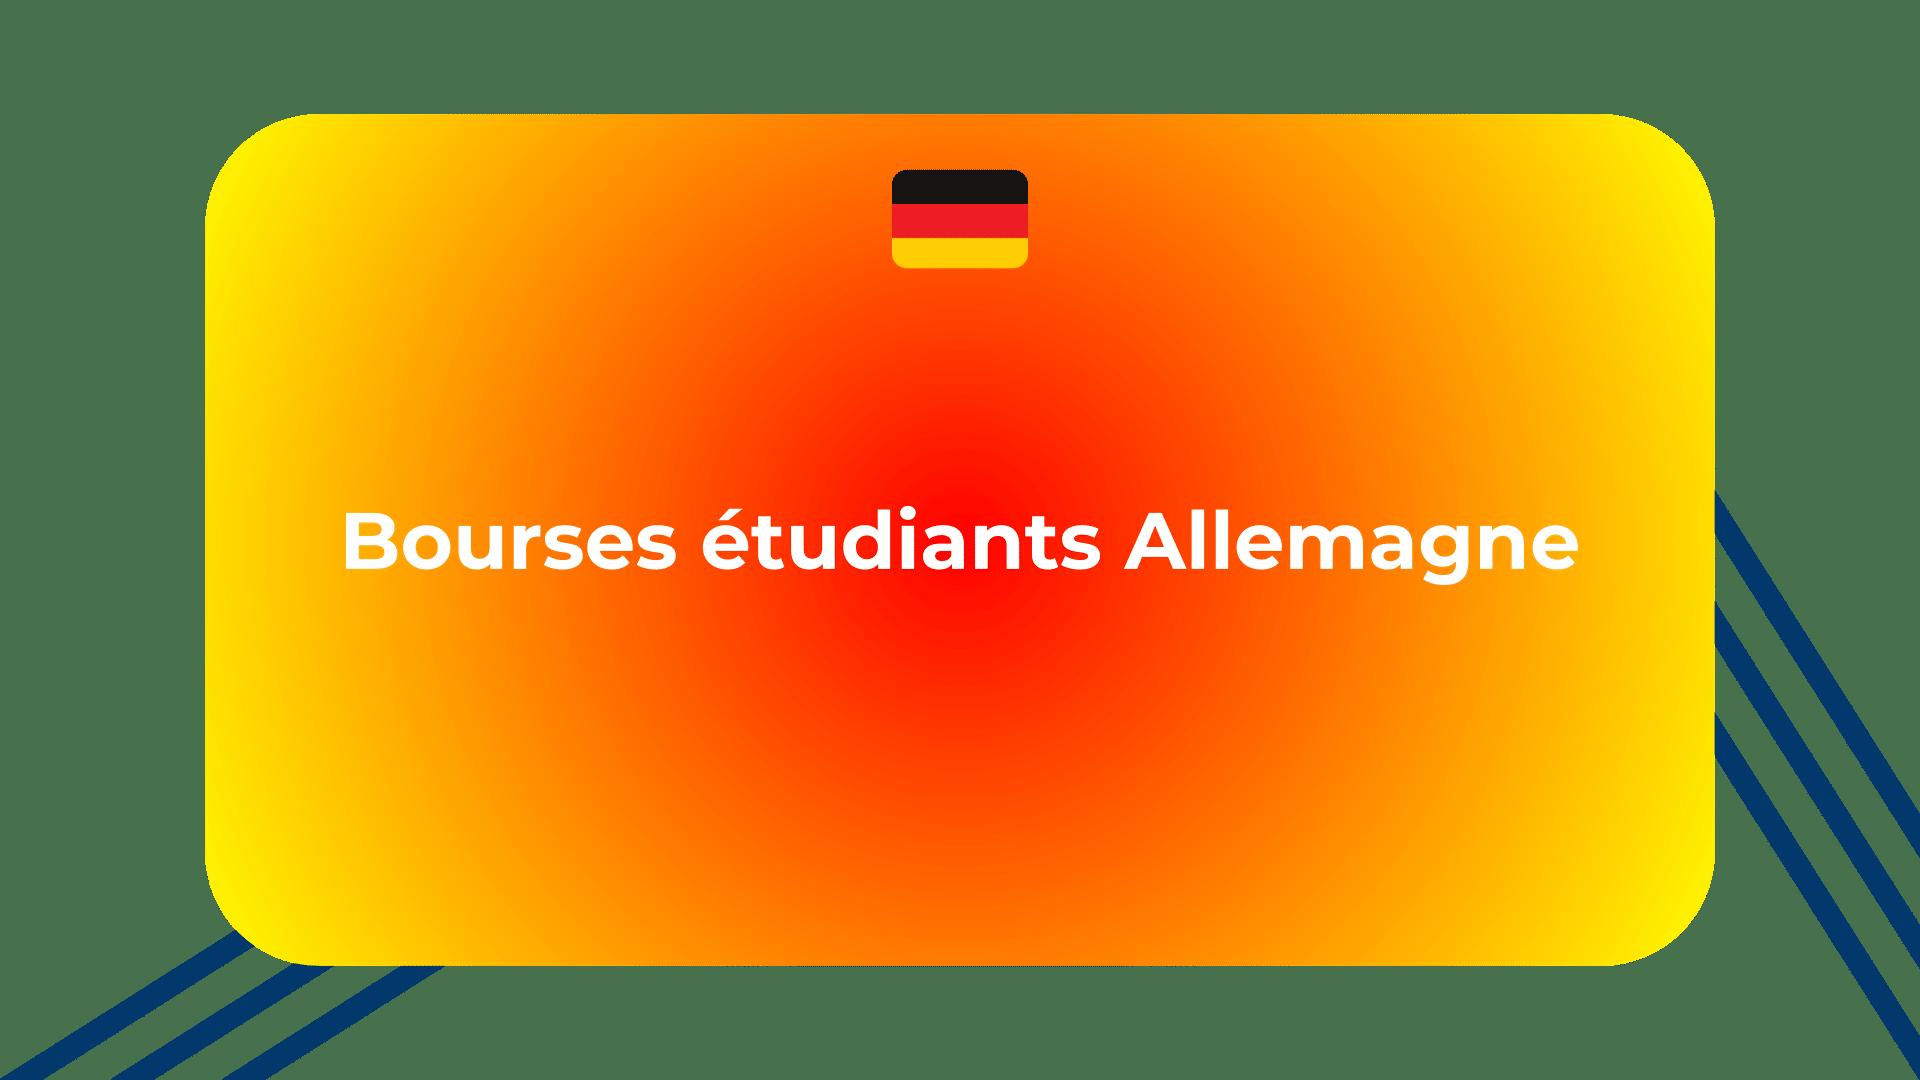 Bourses étudiants Allemagne